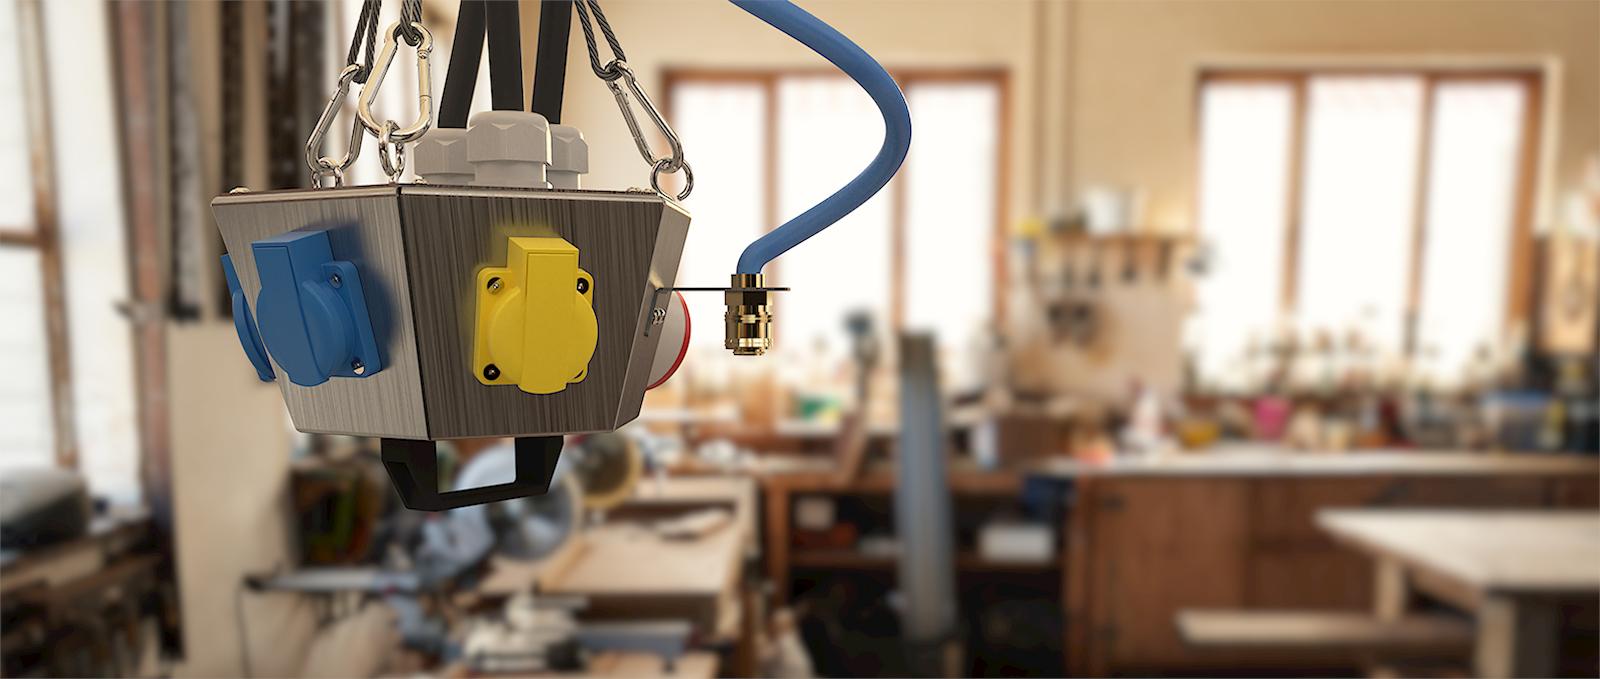 HV1006-Hängeverteiler-in-der-Werkstatt-2-1600×678